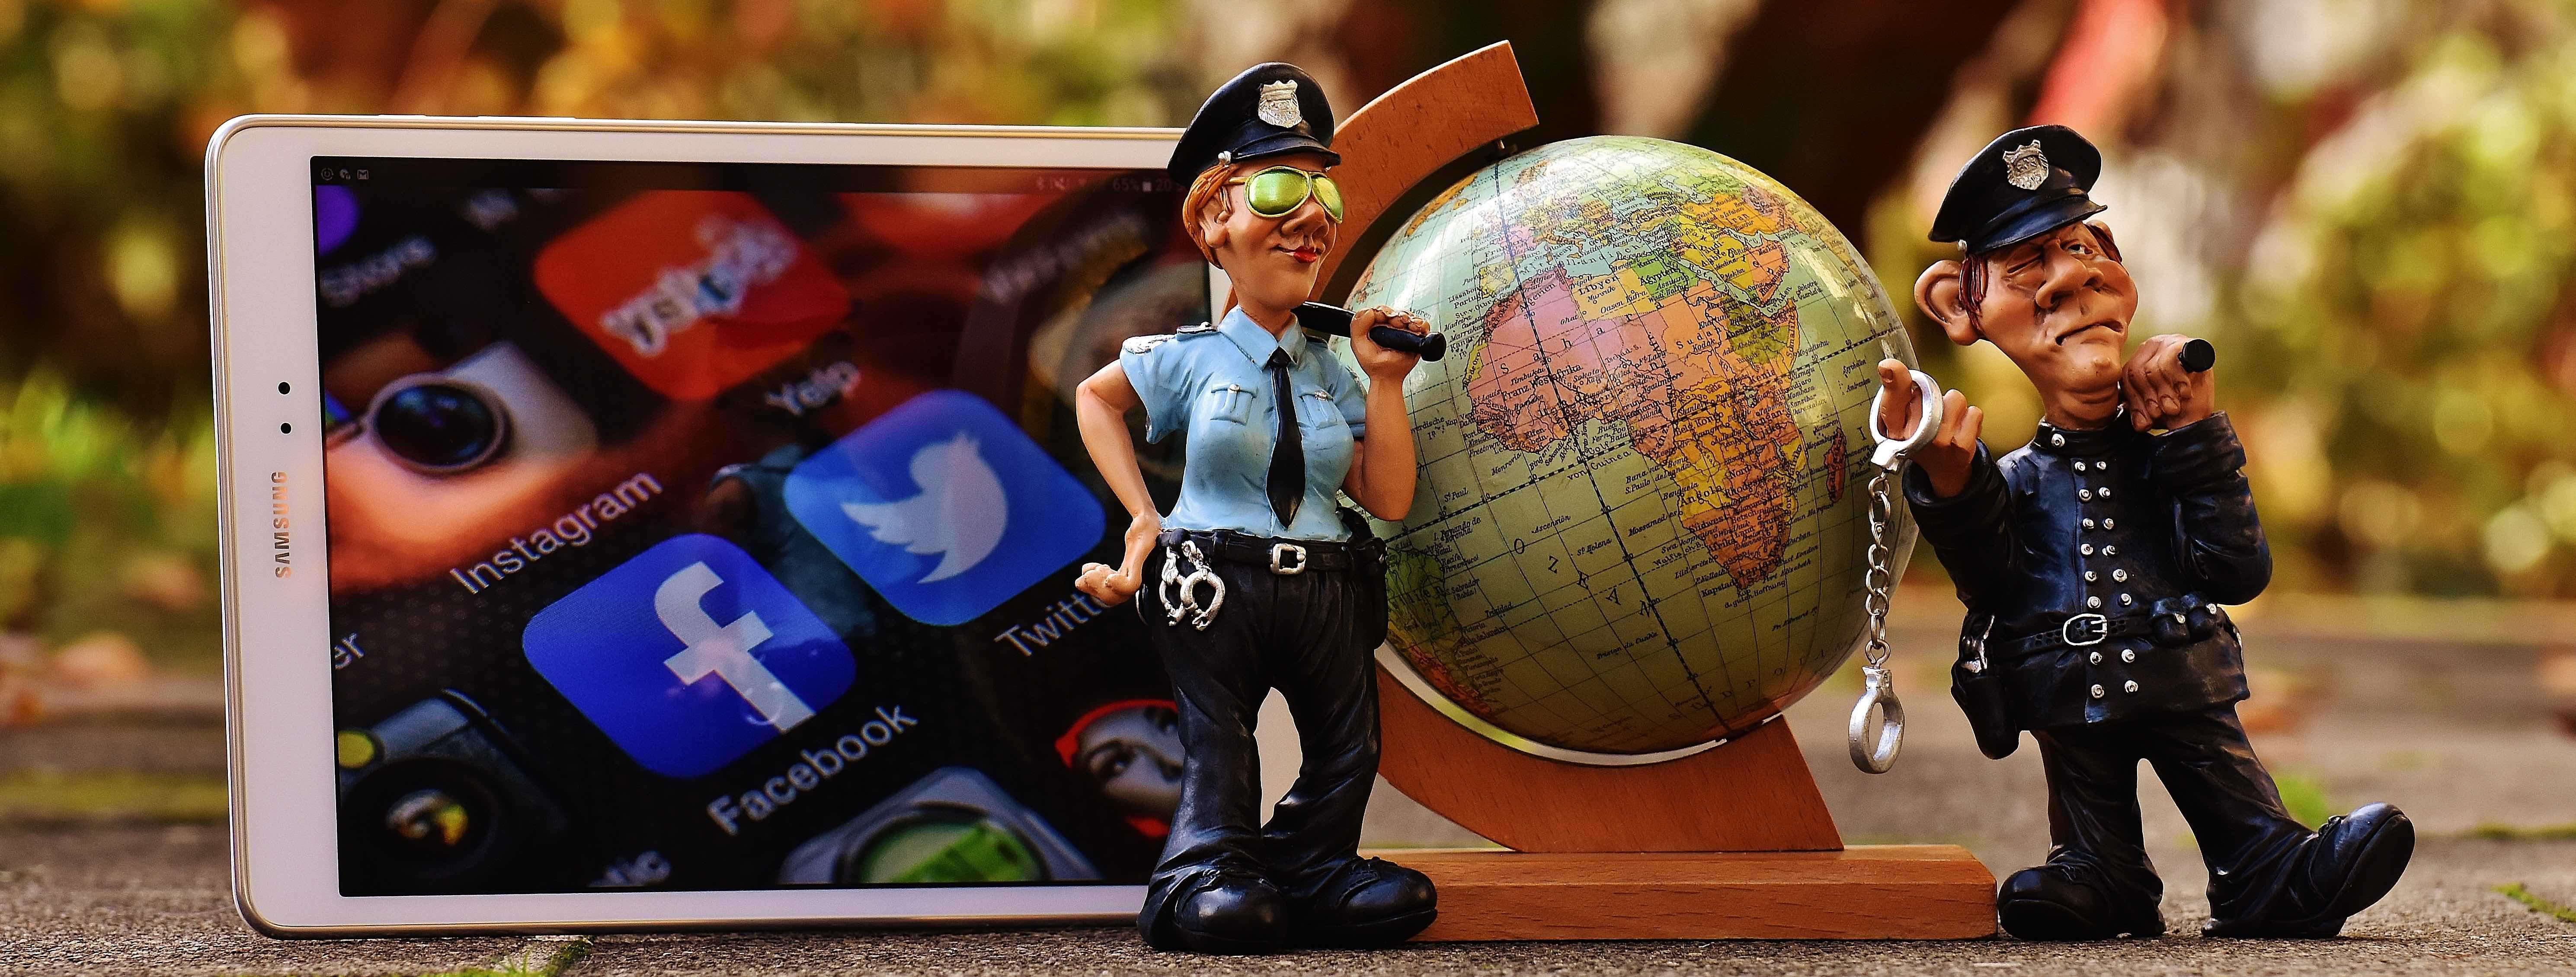 Social media 4 web